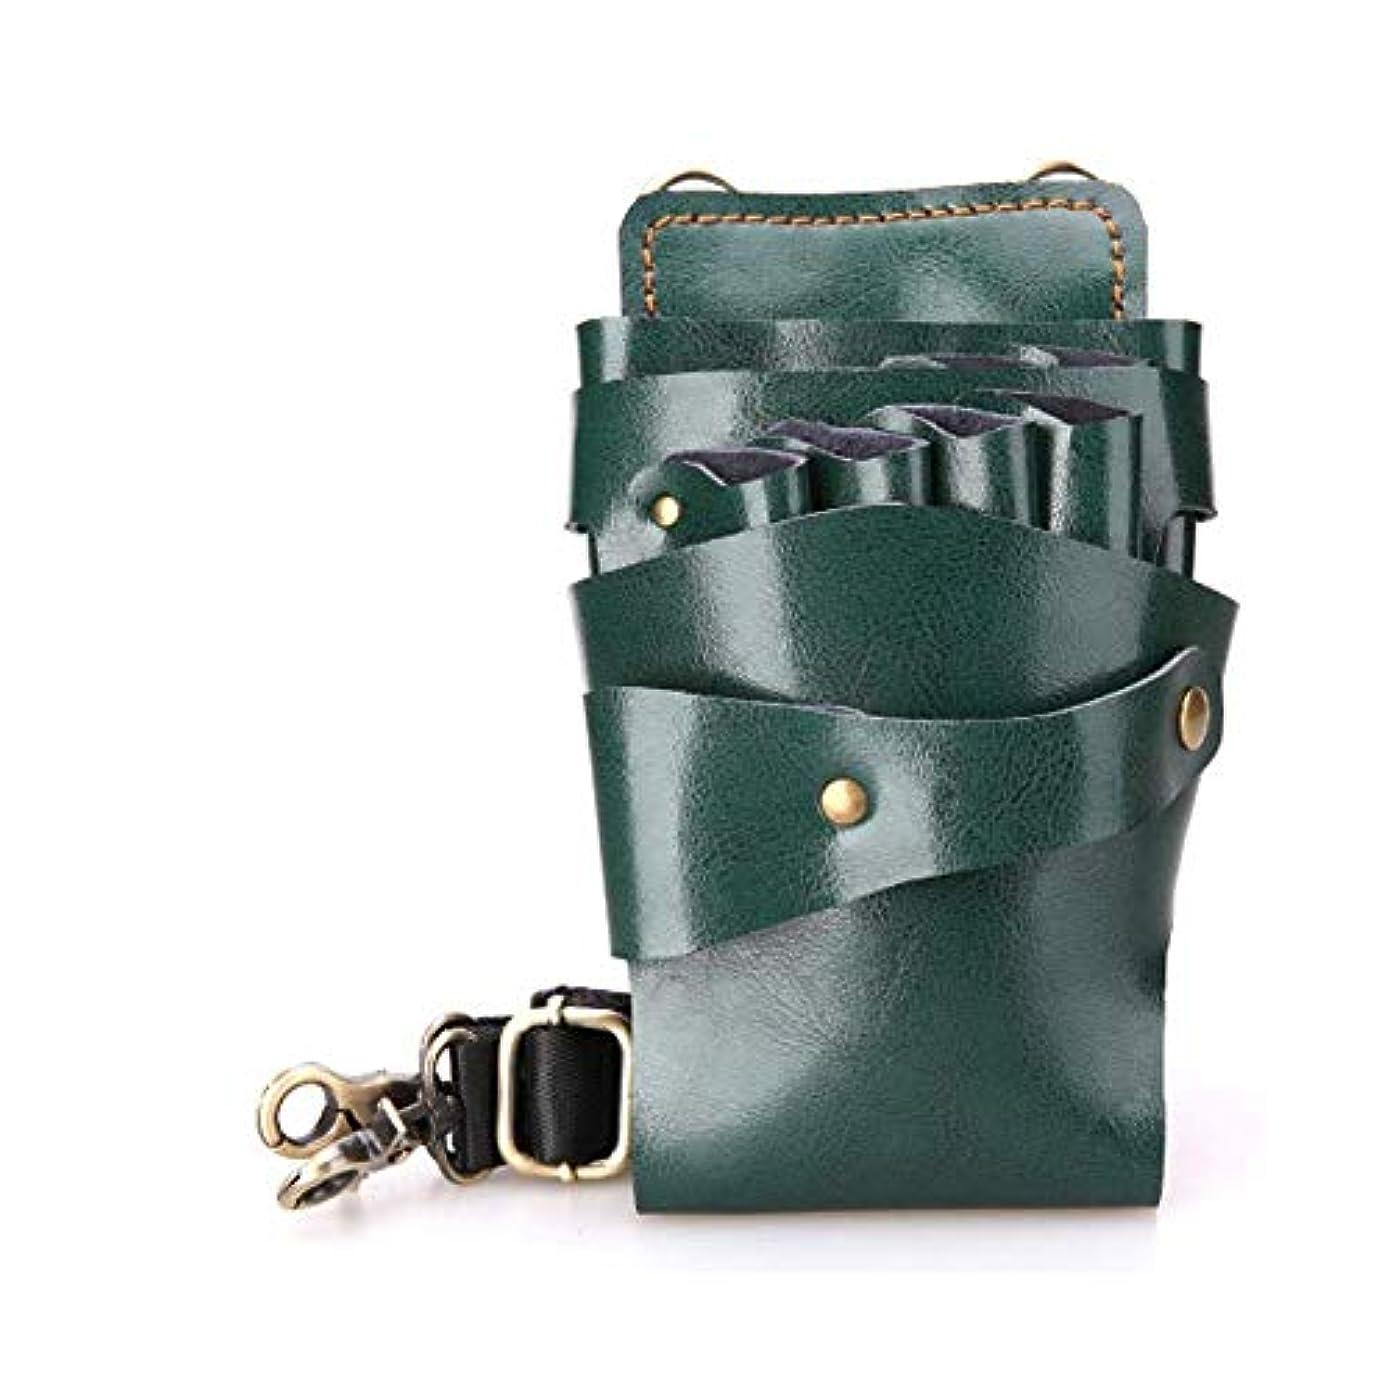 ブラスト汚染コアYWAWJ 優れたイタリア素材はプロフェッショナルサロン革シザーバッグ理髪ポーチ理容シザーの作品 (Color : Green)